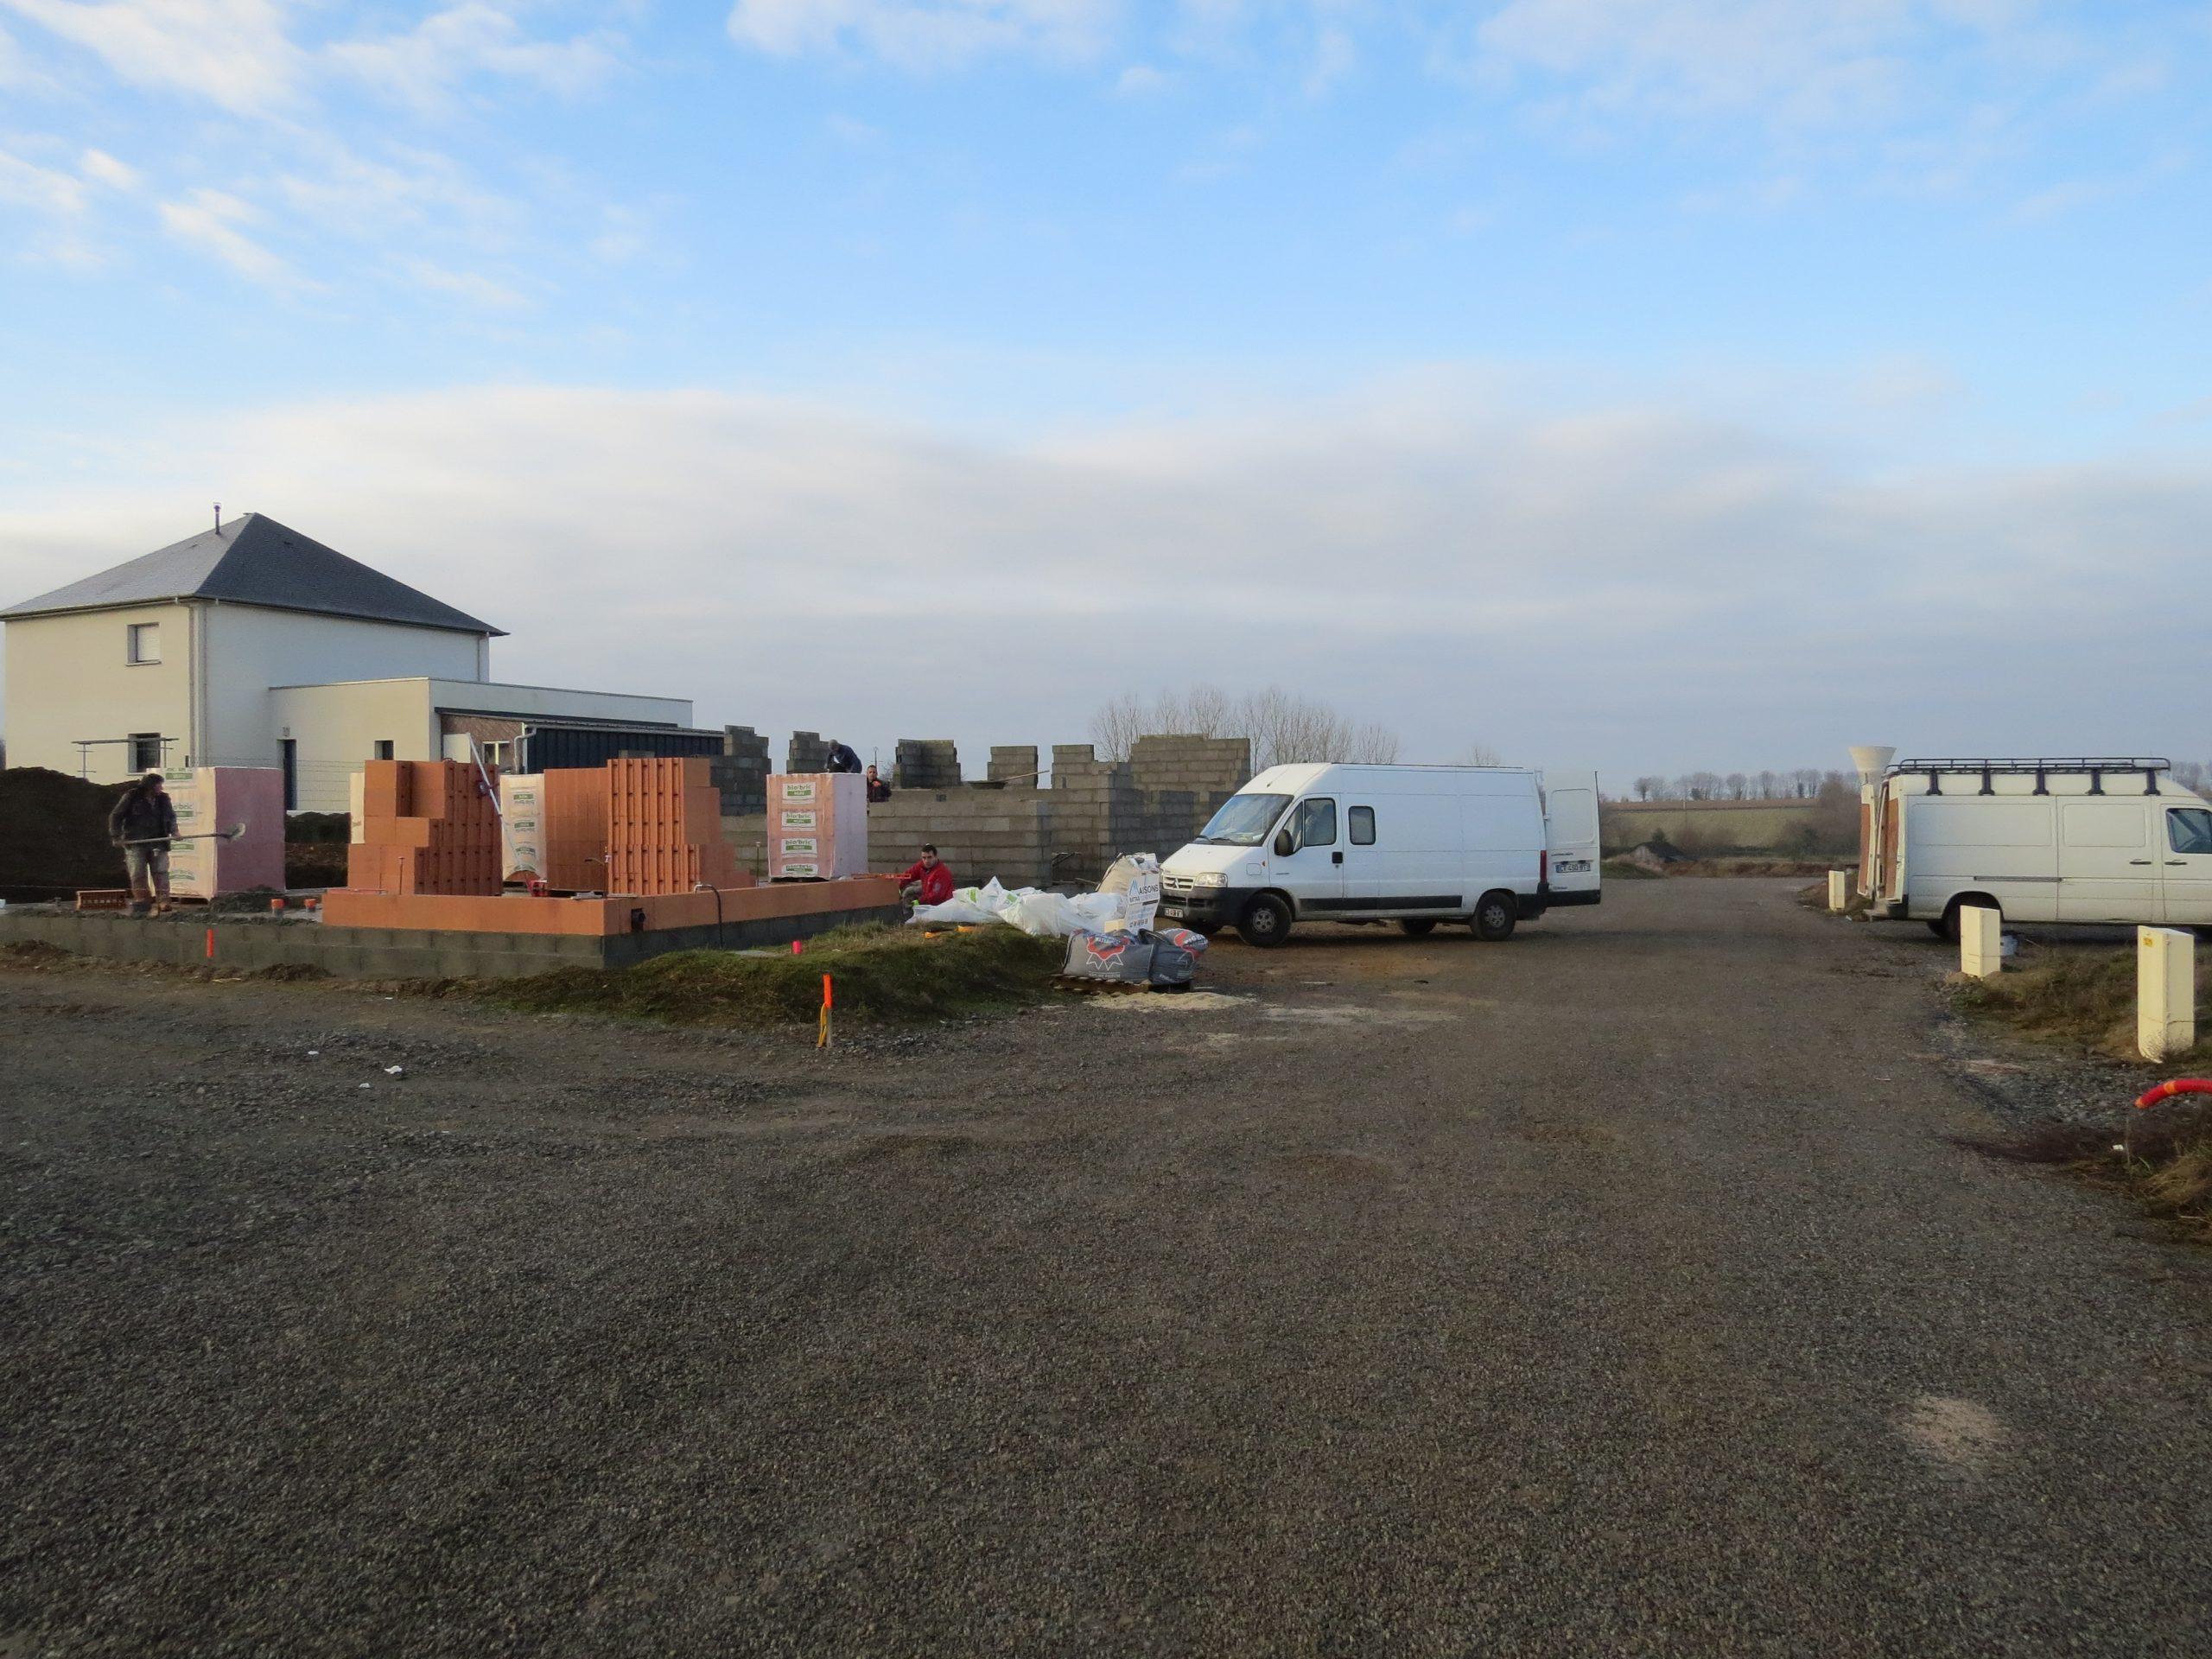 Je Construis Ma Maison - Plateforme De L'habitat - Pays De ... encequiconcerne Piscine Janze